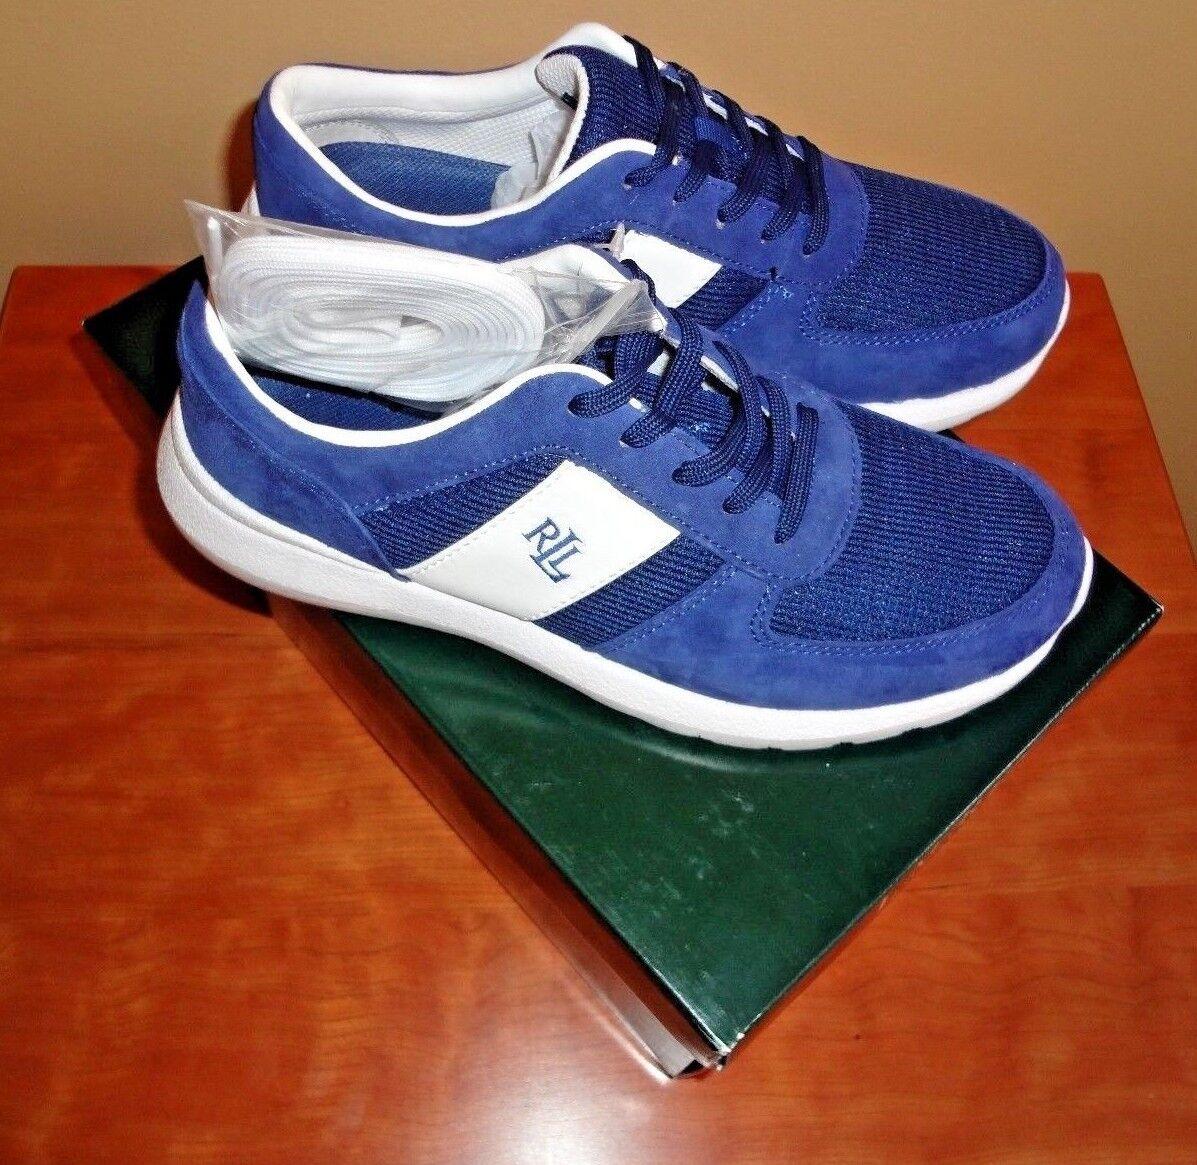 NWB Lauren by Ralph Lauren Blau/WEISS Spectator Jay Textile Training Schuhe sz 6.5